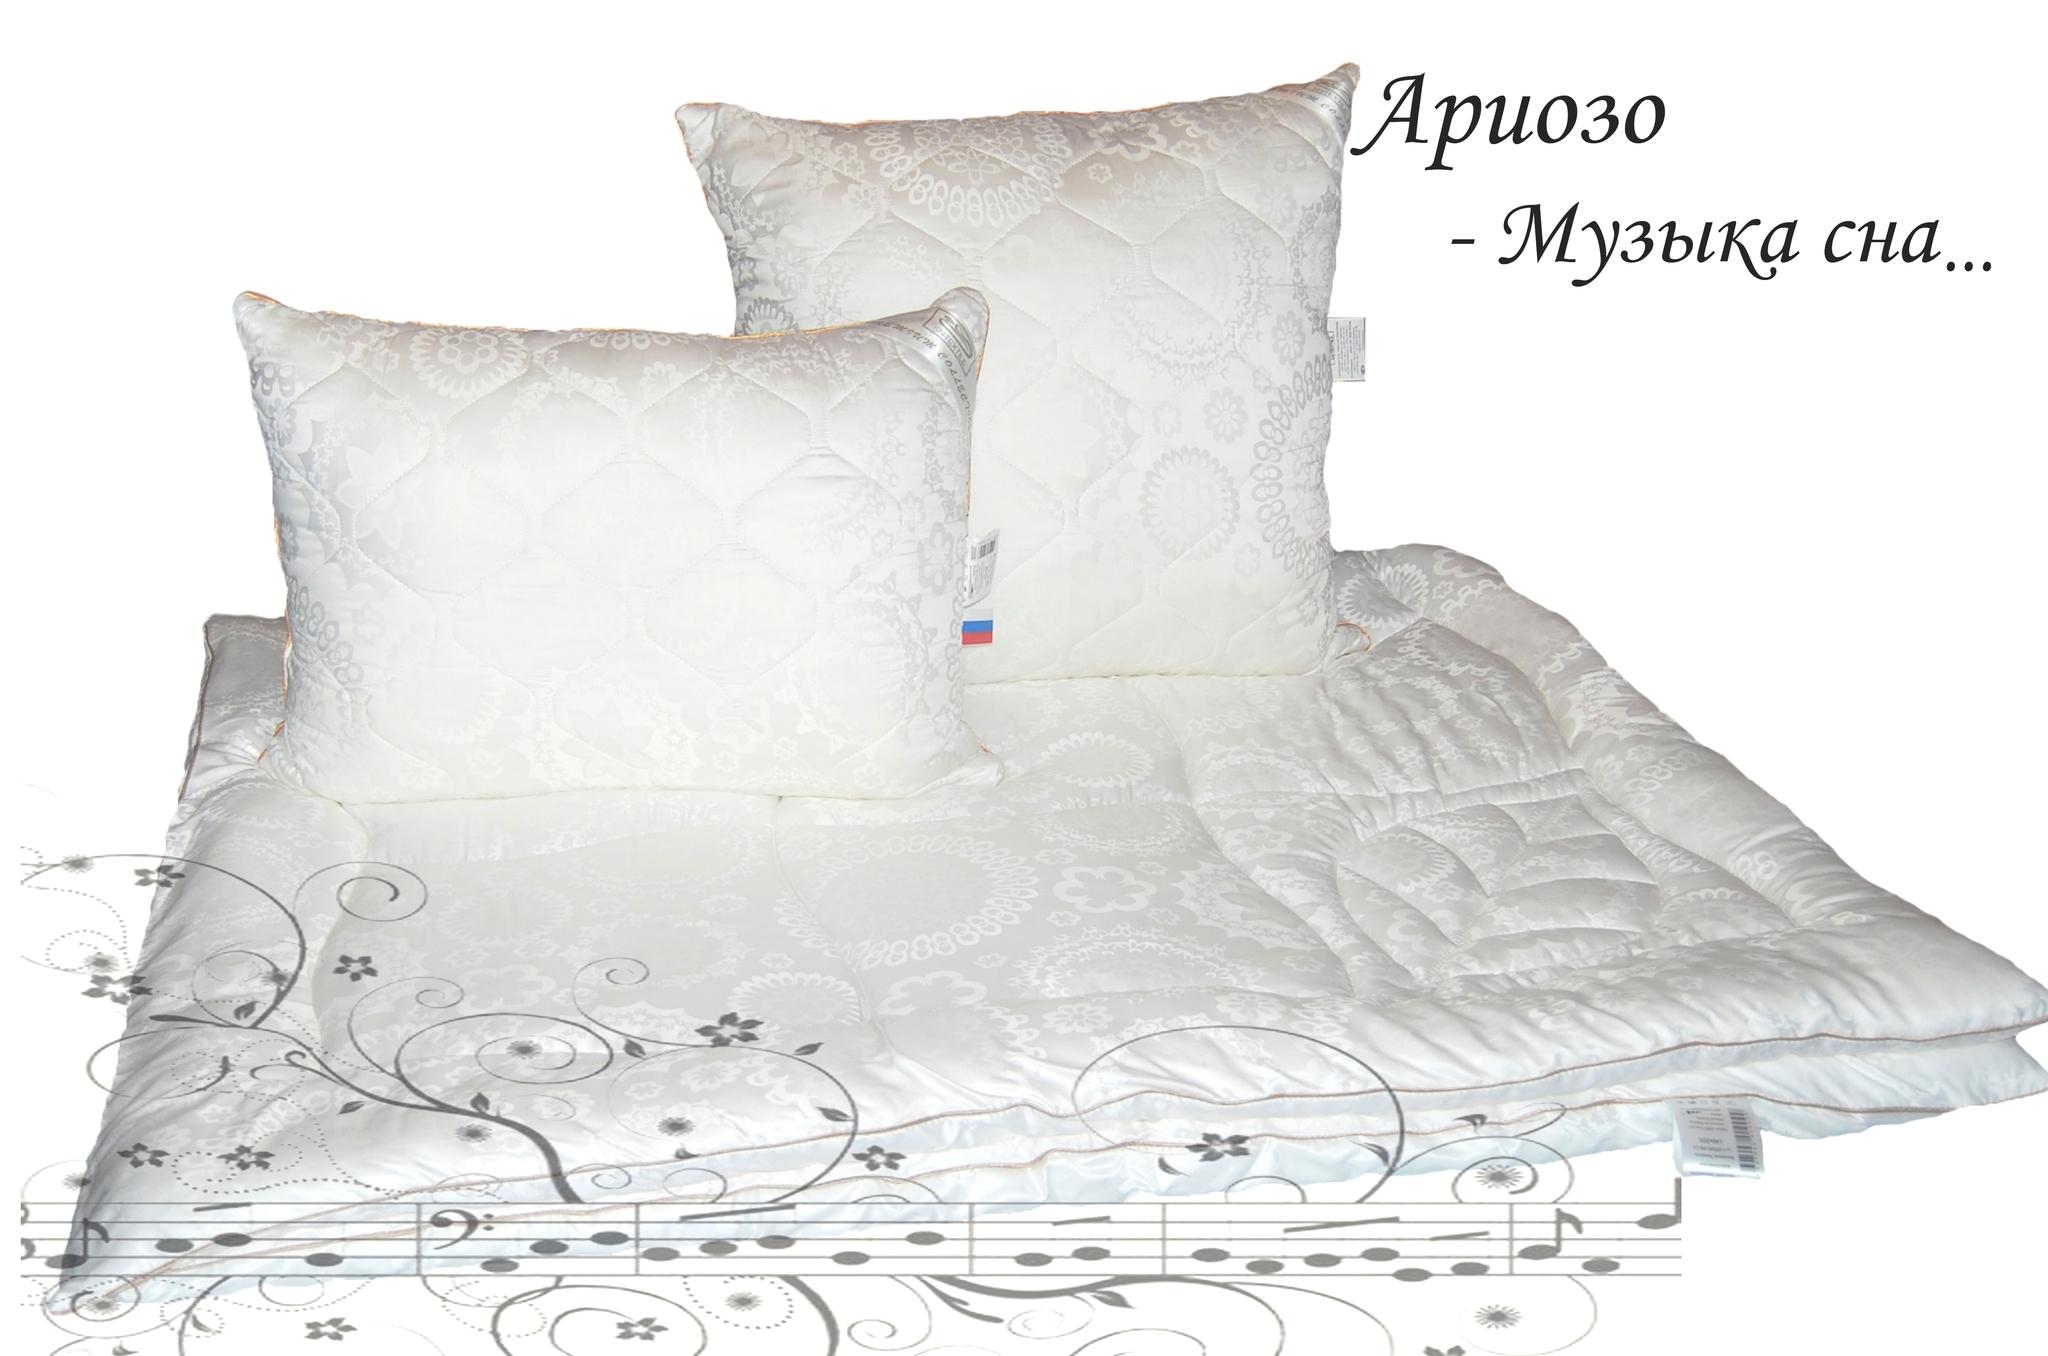 Тенсель (эвкалипт) / МОДАЛ (бук) Одеяло Коллекции Ариозо зимнее TENCEL Премиум. ариозо2.jpg